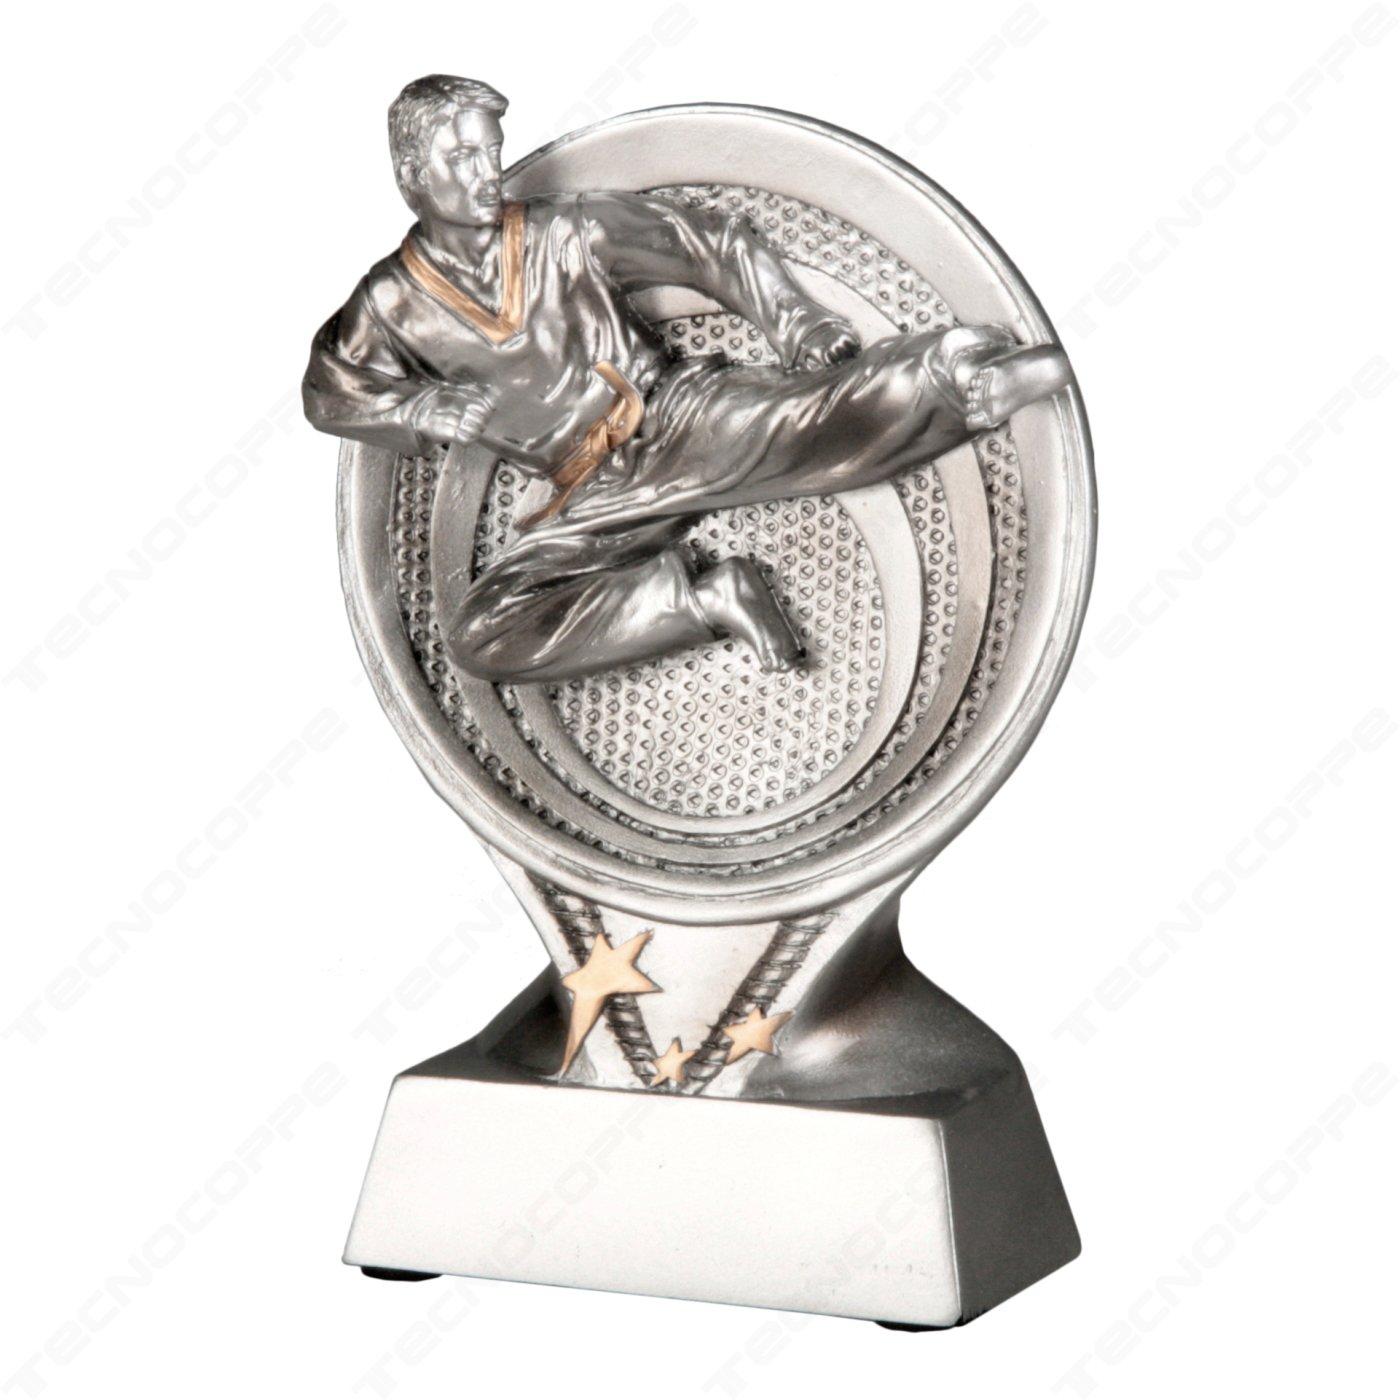 Tecnocoppe - Trofeo para competiciones de Karate - 15,50 cm de ...